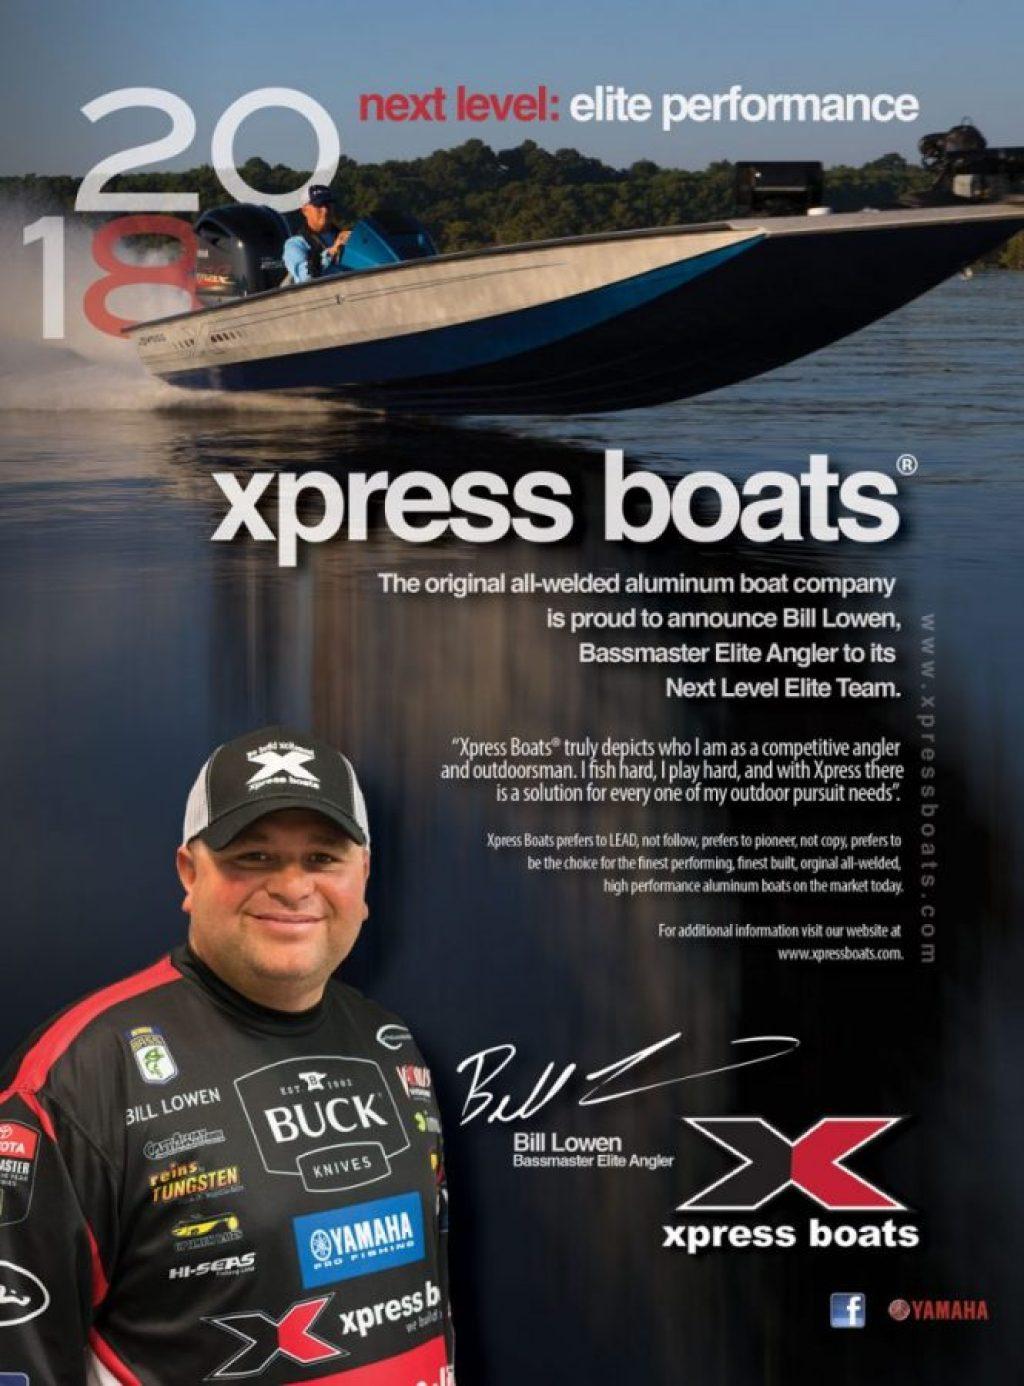 xpress boats